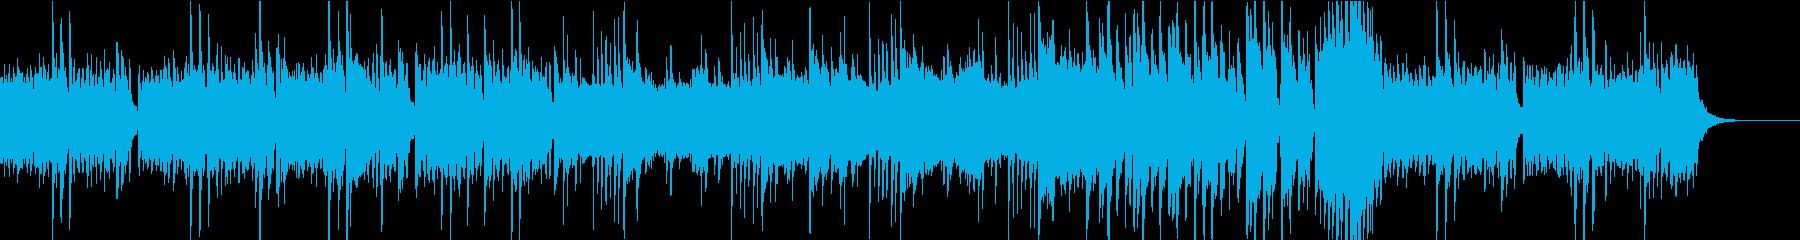 雄大な自然を思わせるヒーリング曲の再生済みの波形